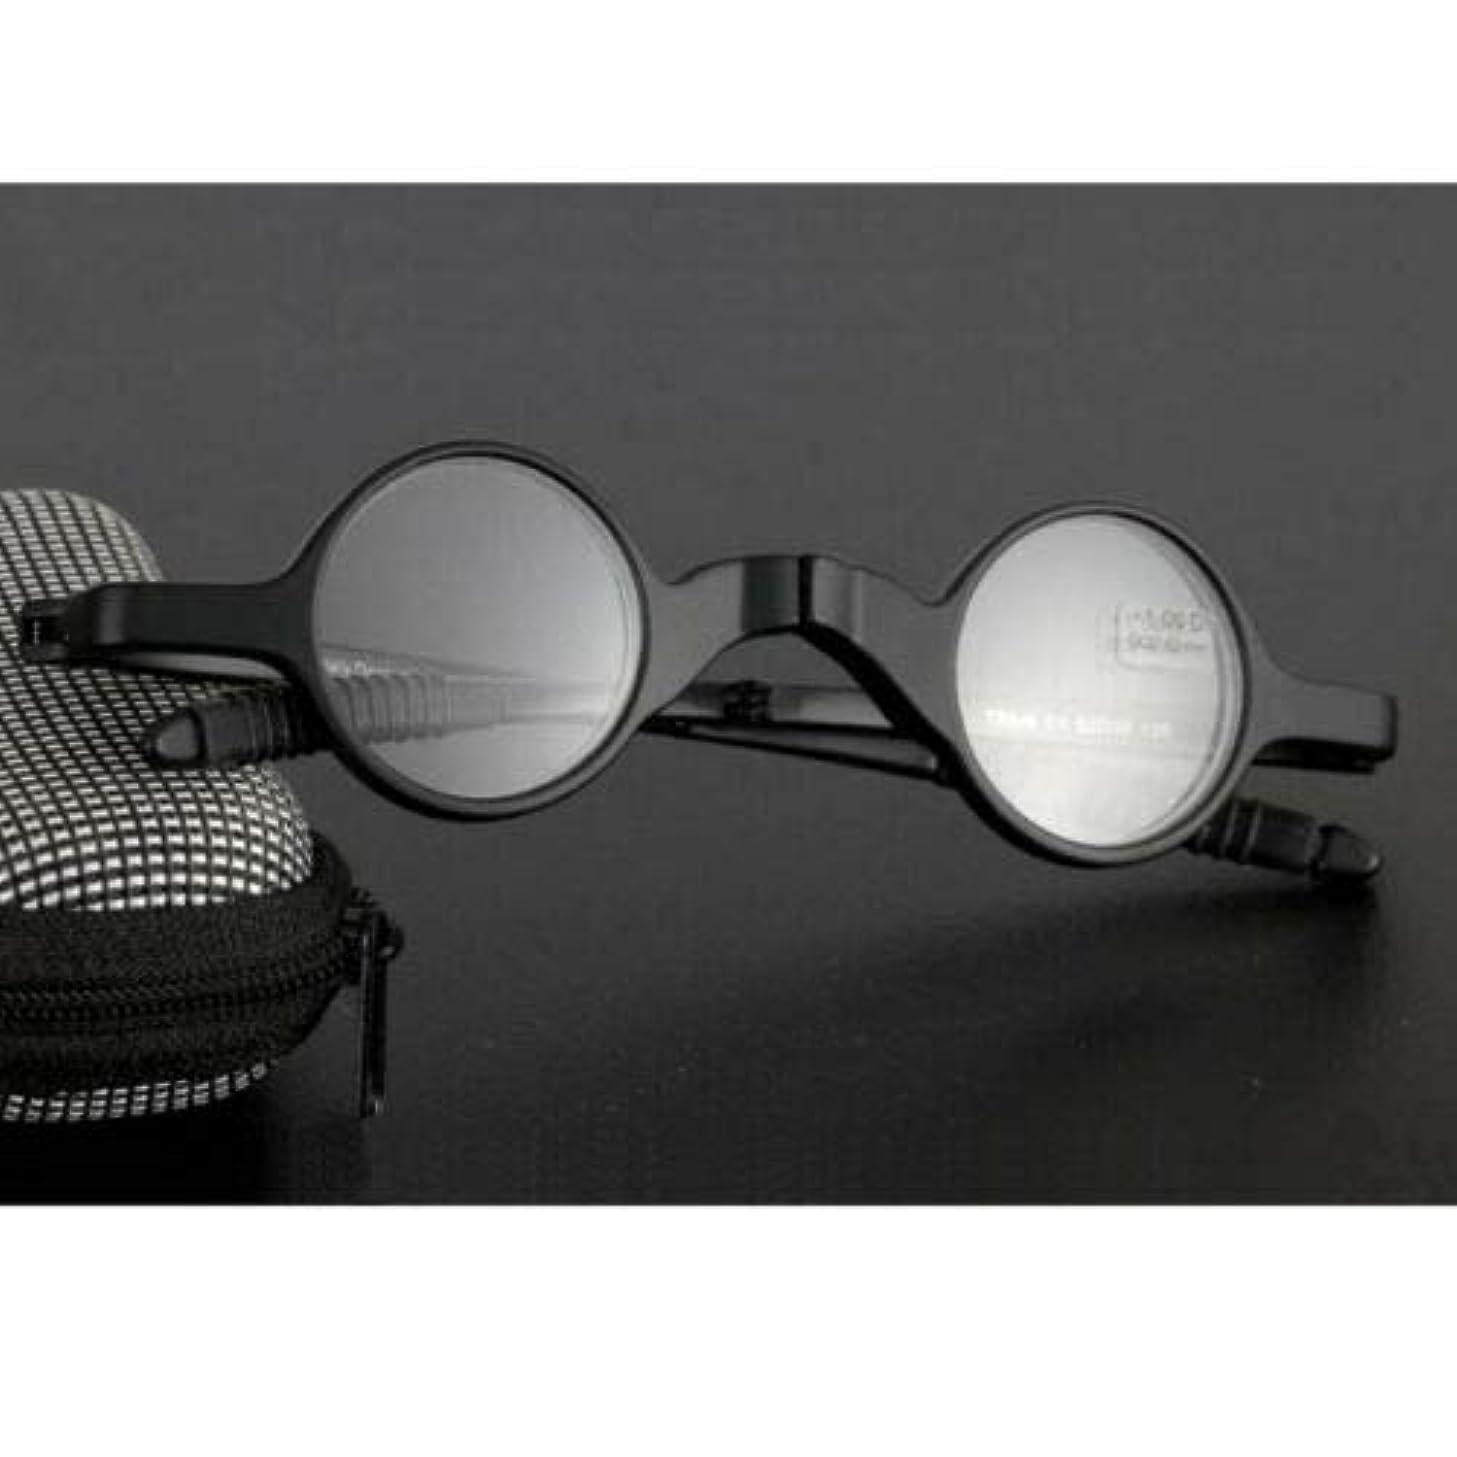 裁判官三会計士FidgetGear ミニ折りたたみ老眼鏡レトロラウンド眼鏡TR90メンズアイウェア+ 1.0?+ 3.5 ブラック